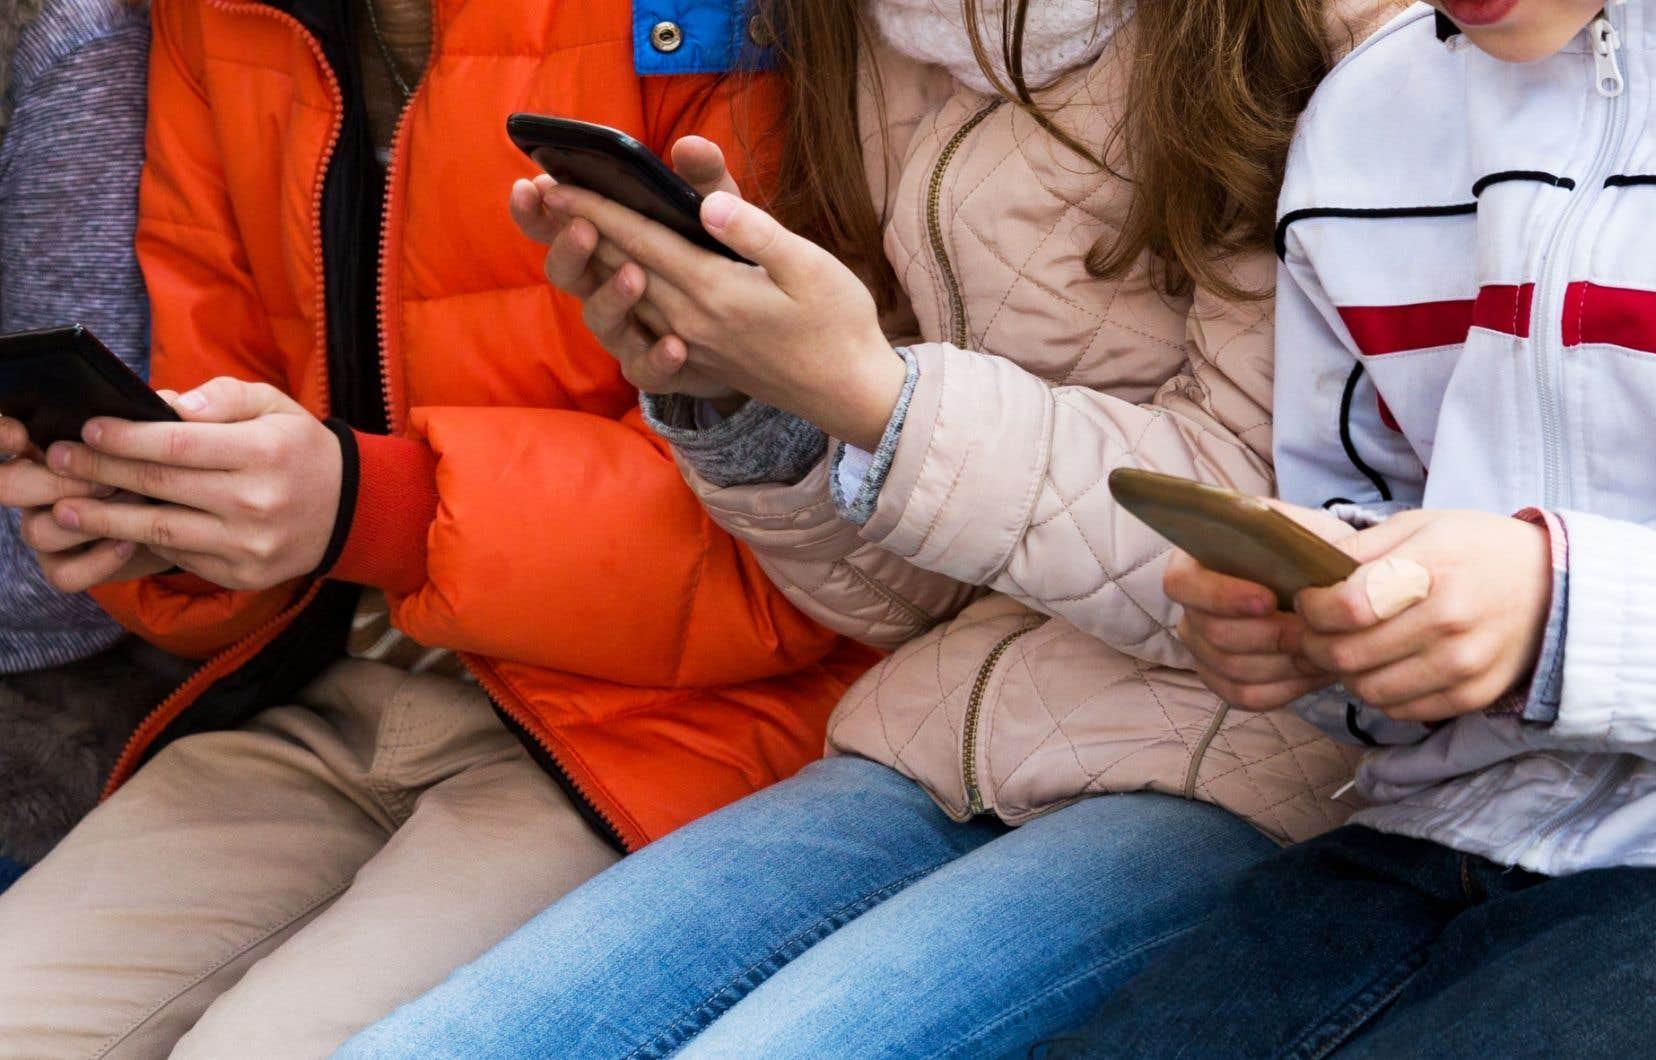 Un adolescent qui se croira incapable de mener une existence aussi excitante que celle qu'on lui présente en ligne pourra avoir tendance à s'isoler encore plus.